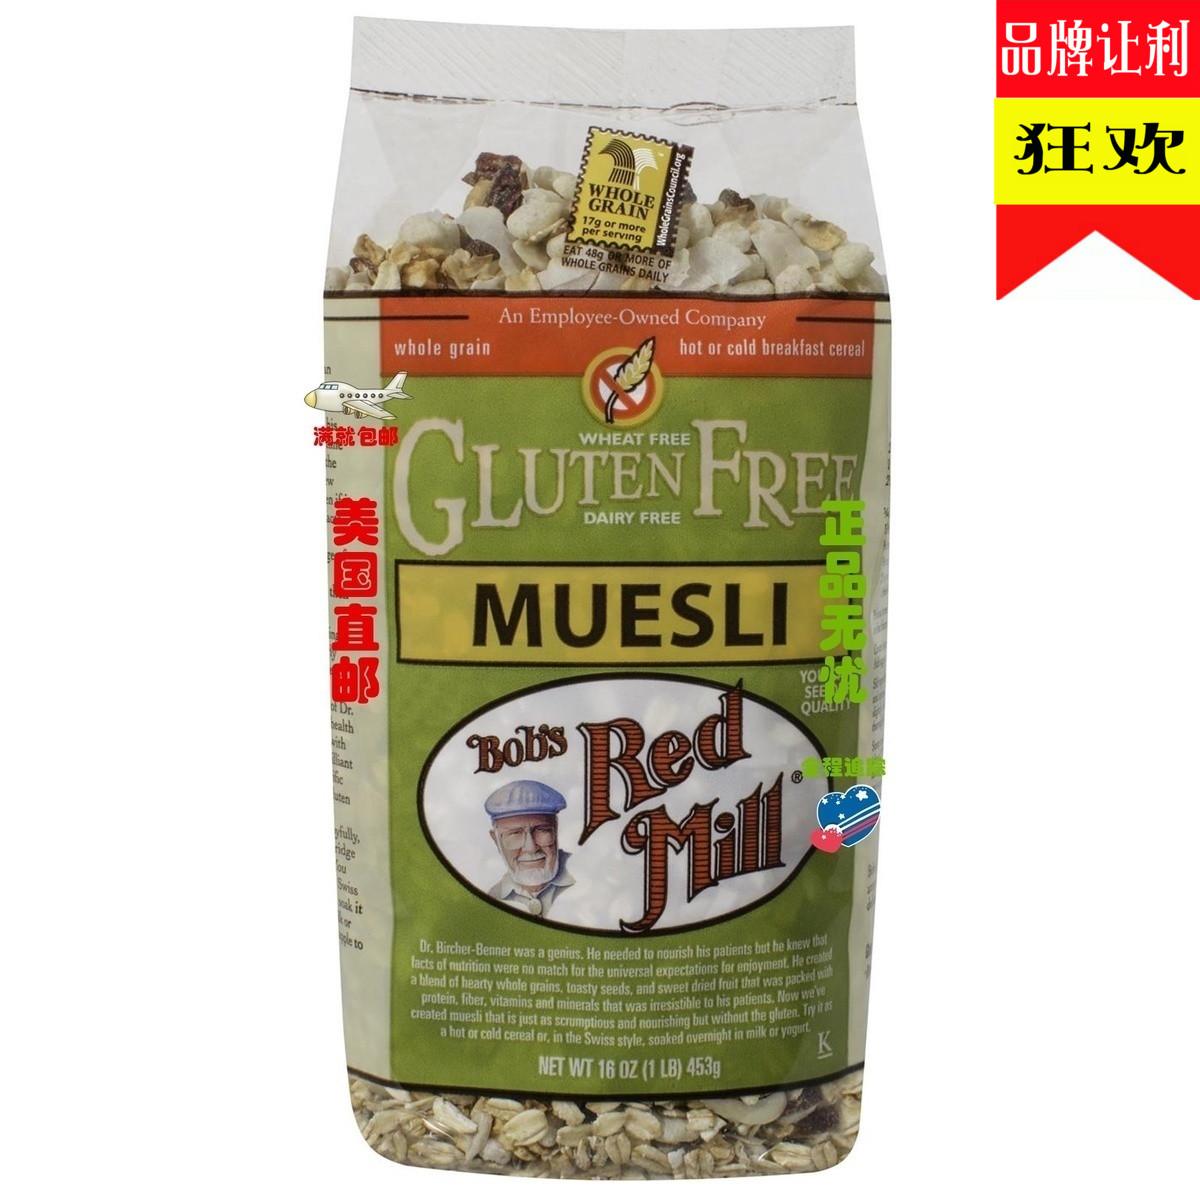 美国发货Bob s Red Mill红磨坊MUESLI水果谷物营养早餐麦片无麸质